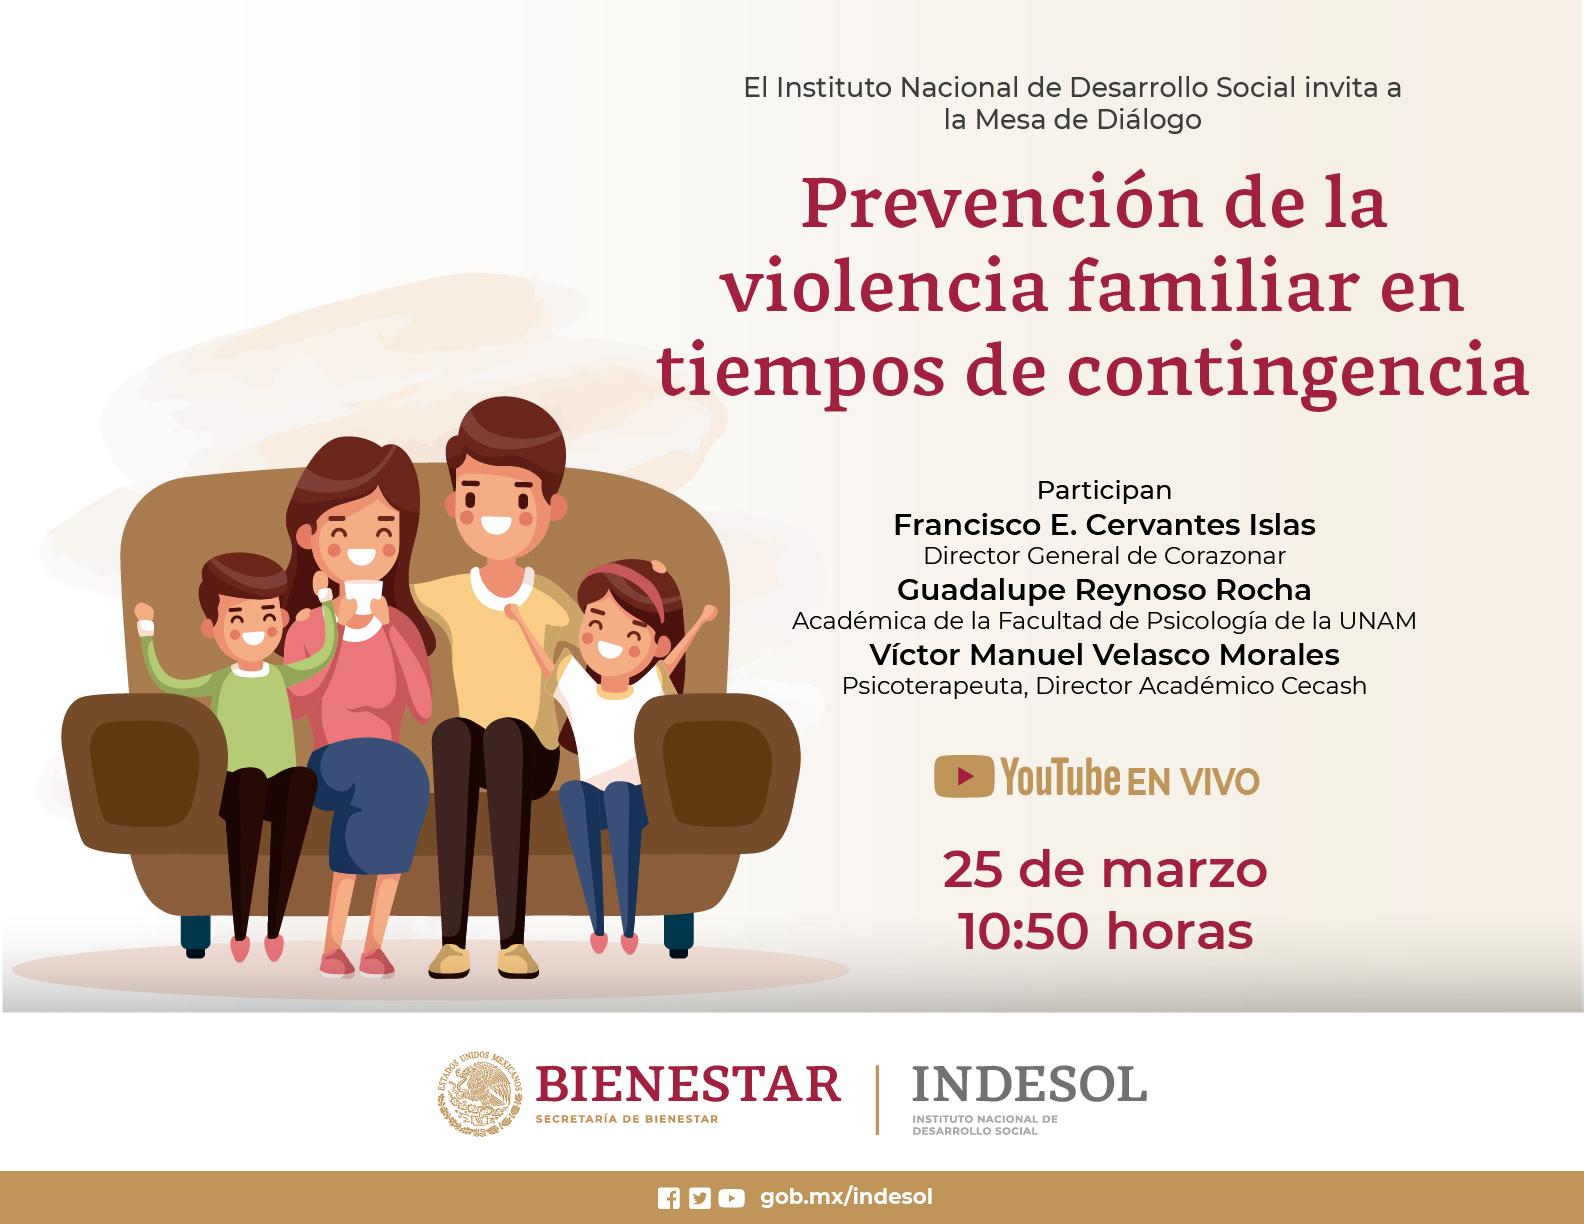 Mesa de Diálogo: Prevención de la violencia familiar en tiempos de contingencia, youtube en vivo, 25 de marzo, 10:50 horas